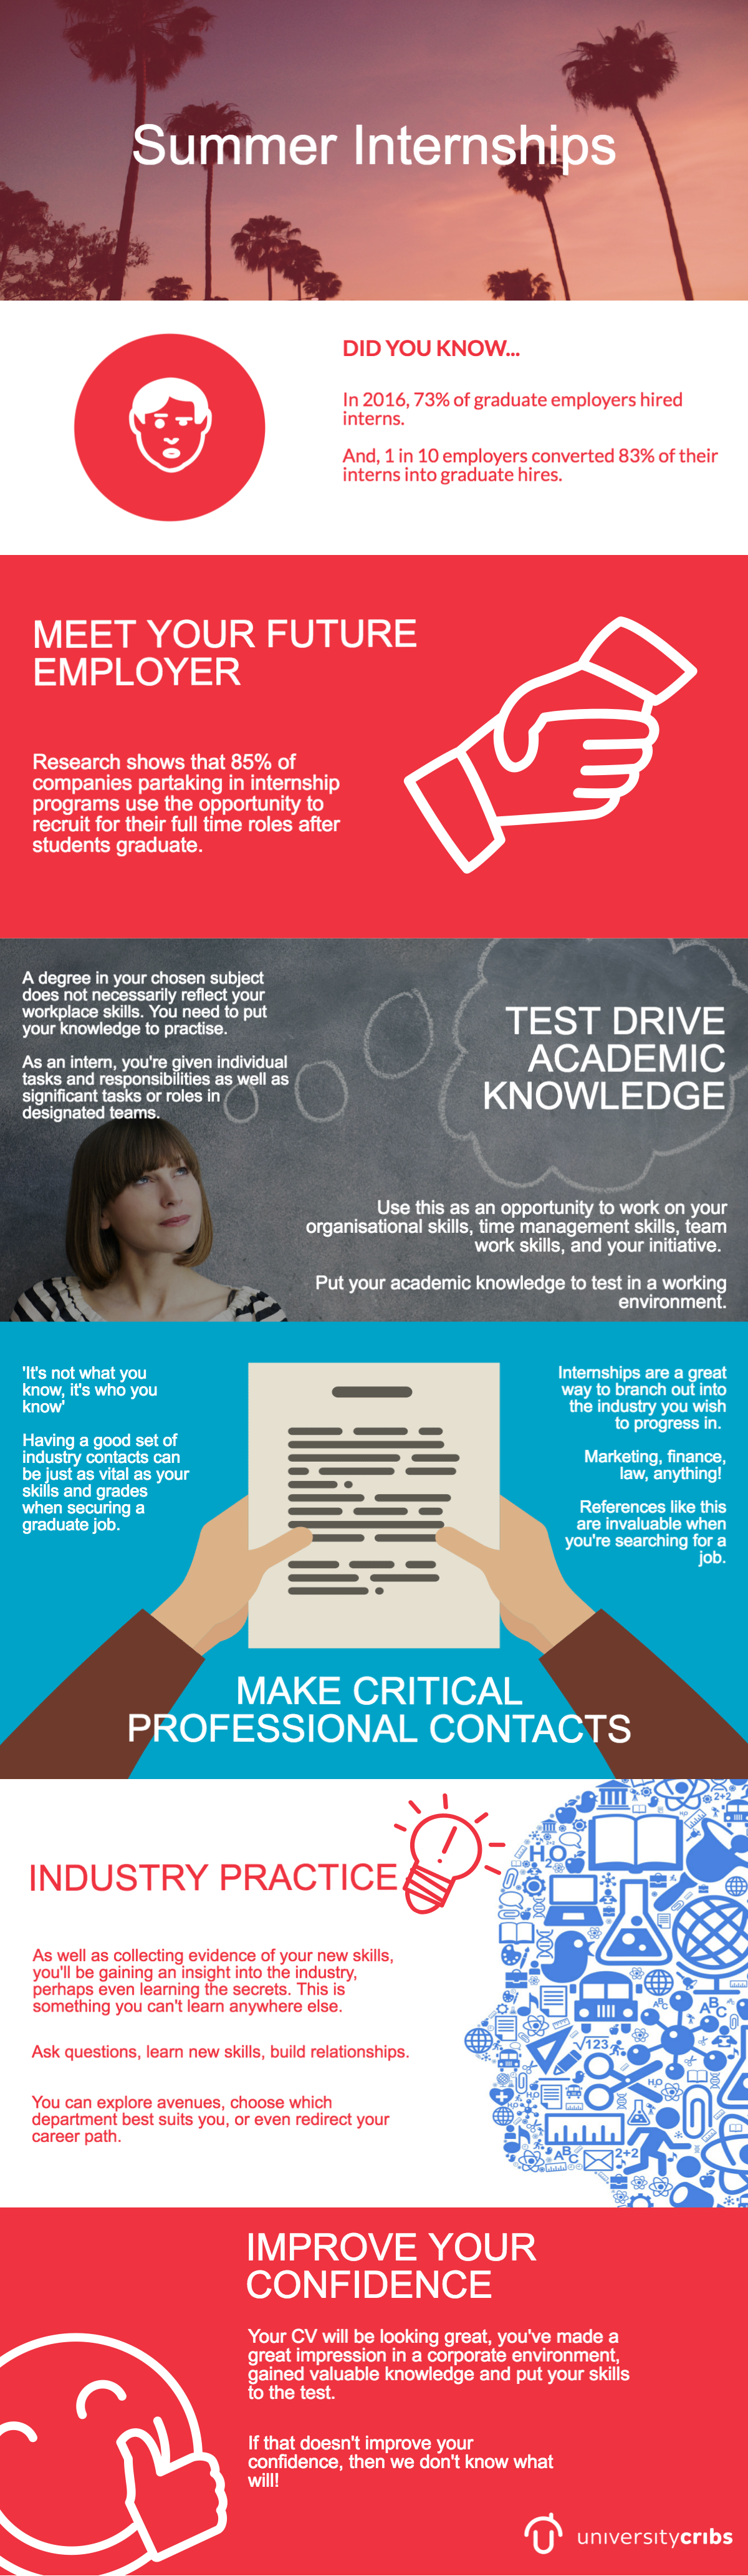 summer-internship-infographic